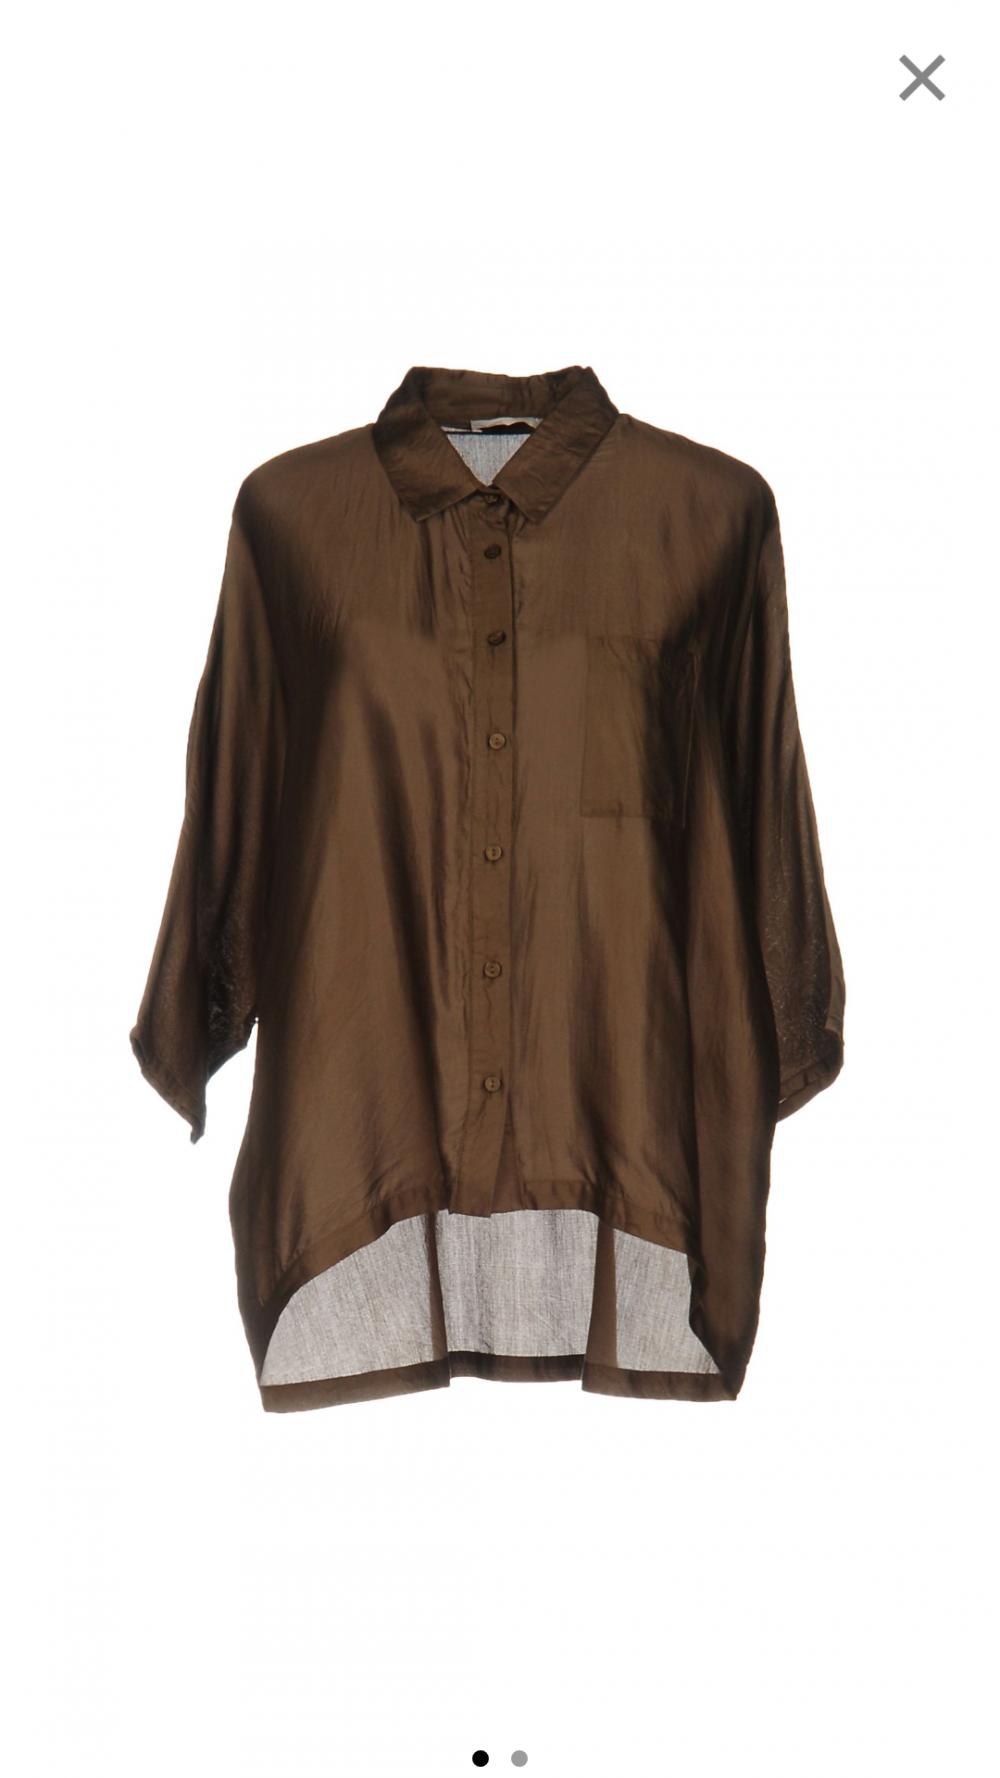 Рубашка Стефанель, STEFANEL XS,на размер XS,S,M